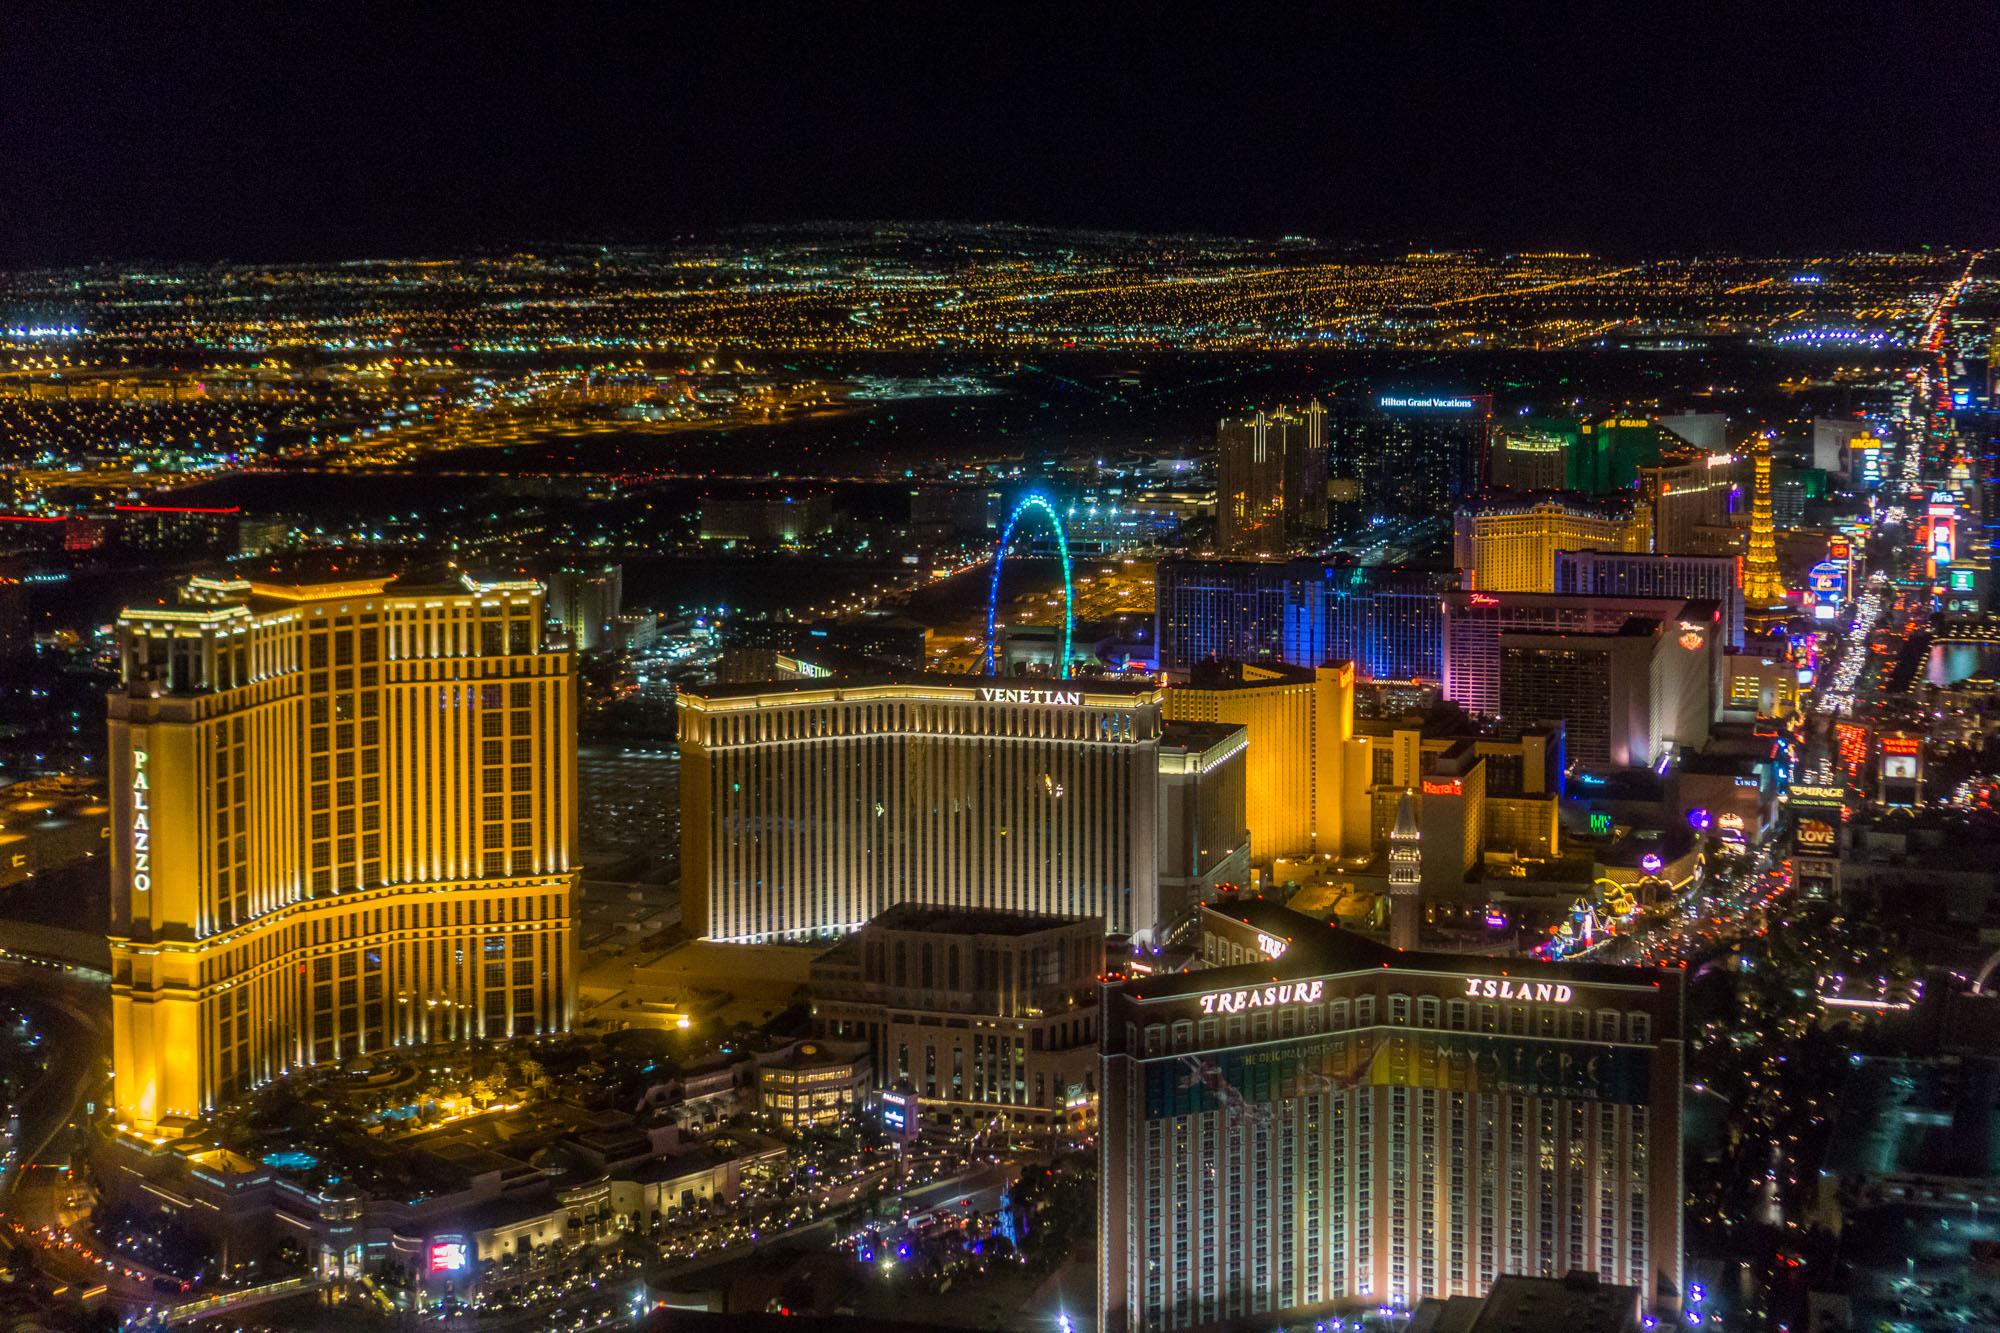 The Las Vegas skyline